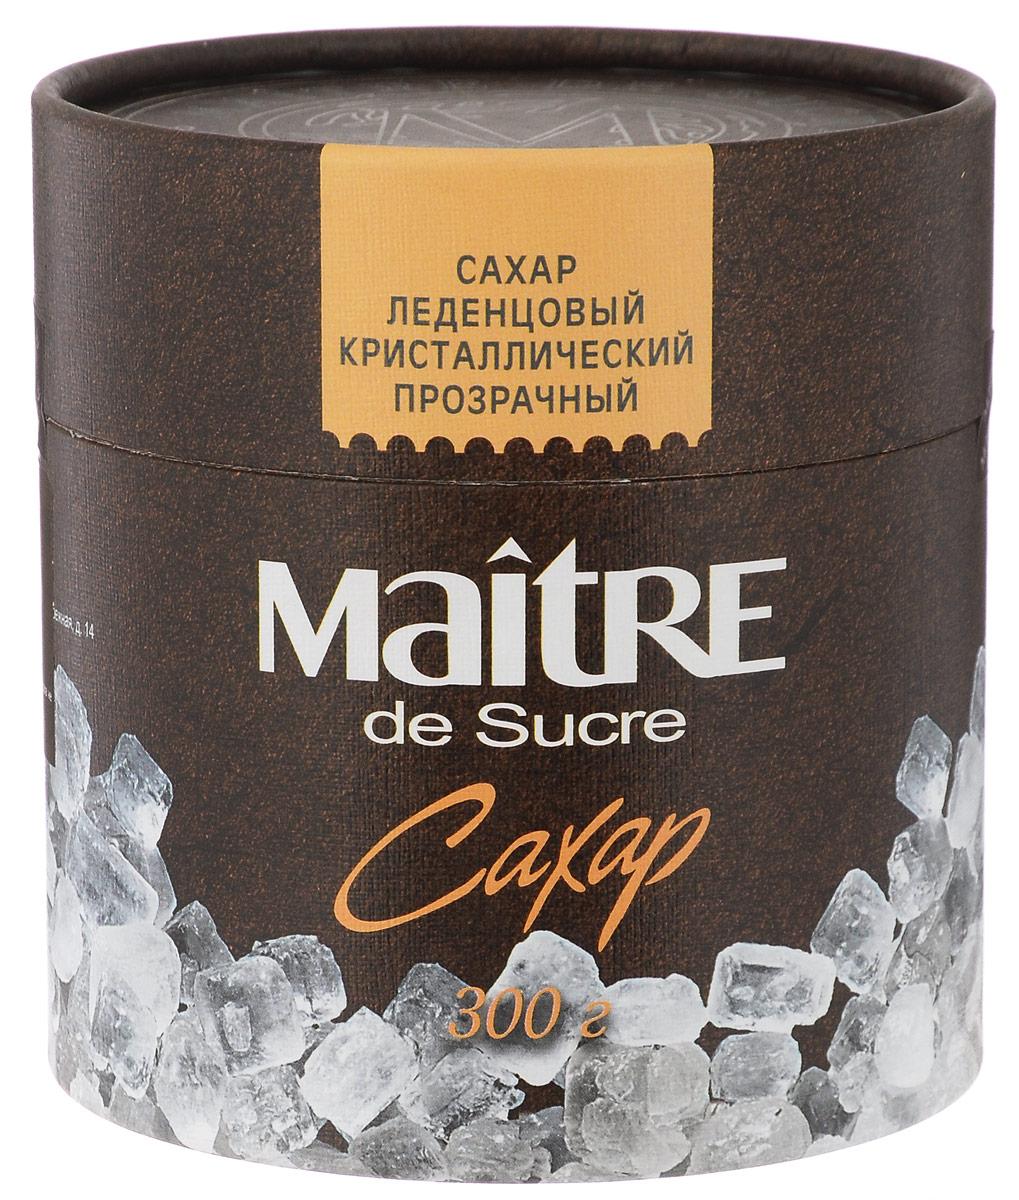 Maitre de Sucre сахар леденцовый прозрачный кристаллический, 300 гбсб020Сахар Maitre de Sucre - отличная альтернатива для любителей конфет и леденцов. При заливании кипятком эти белые прозрачные кристаллы издают характерный звук, напоминающий морозный треск. Идеален для чая.